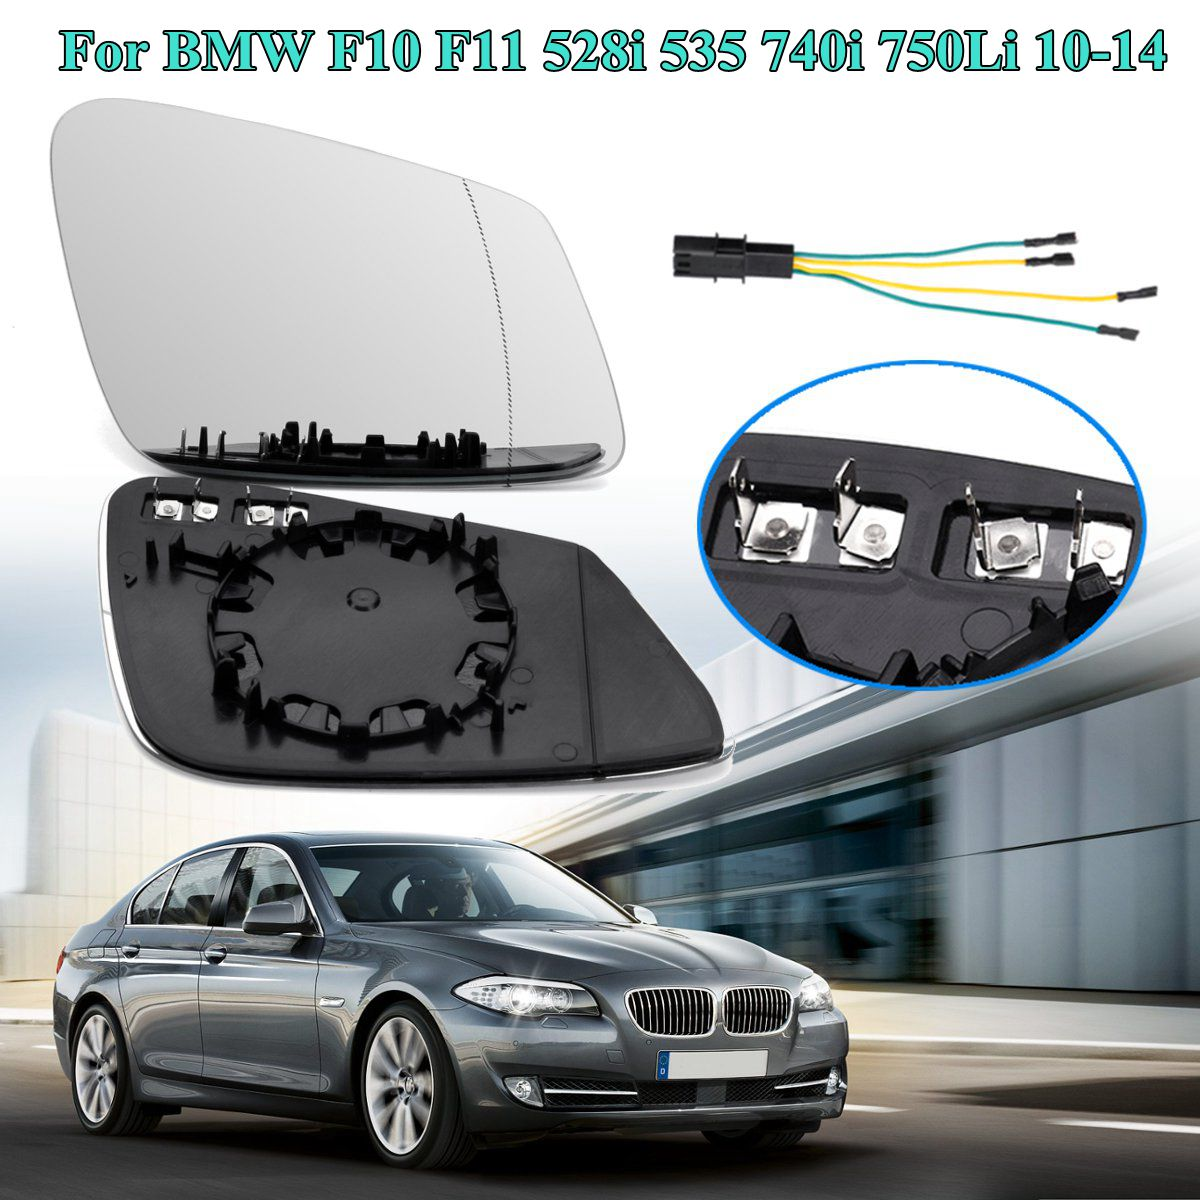 Miroir chauffant latéral gauche/droit   Avec fil, pour BMW F10 F11 528i 535 740i 750Li 2010 2011 2012-2014, lentille de rétroviseur de voiture